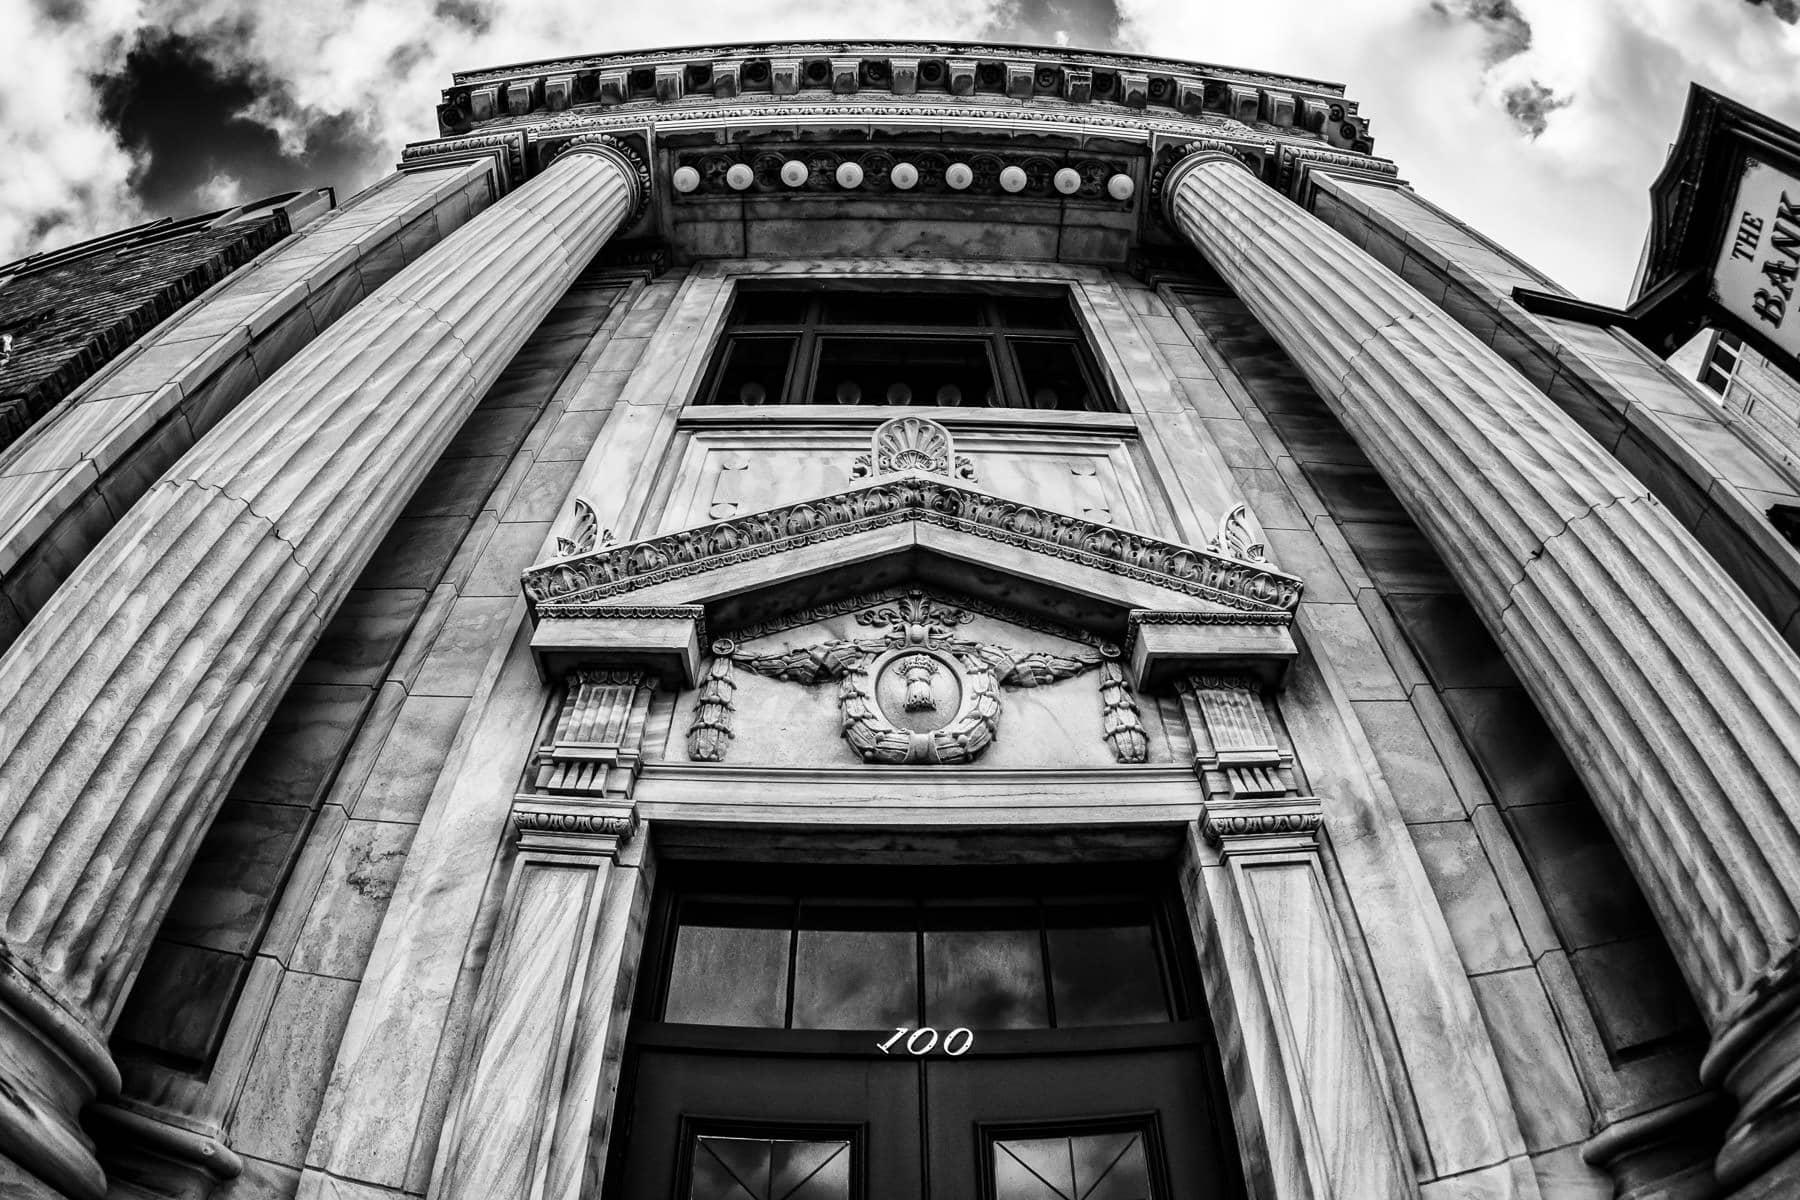 The facade of the 1913Denton County National Bank Building rises into the sky over the Denton, Texas, downtown.